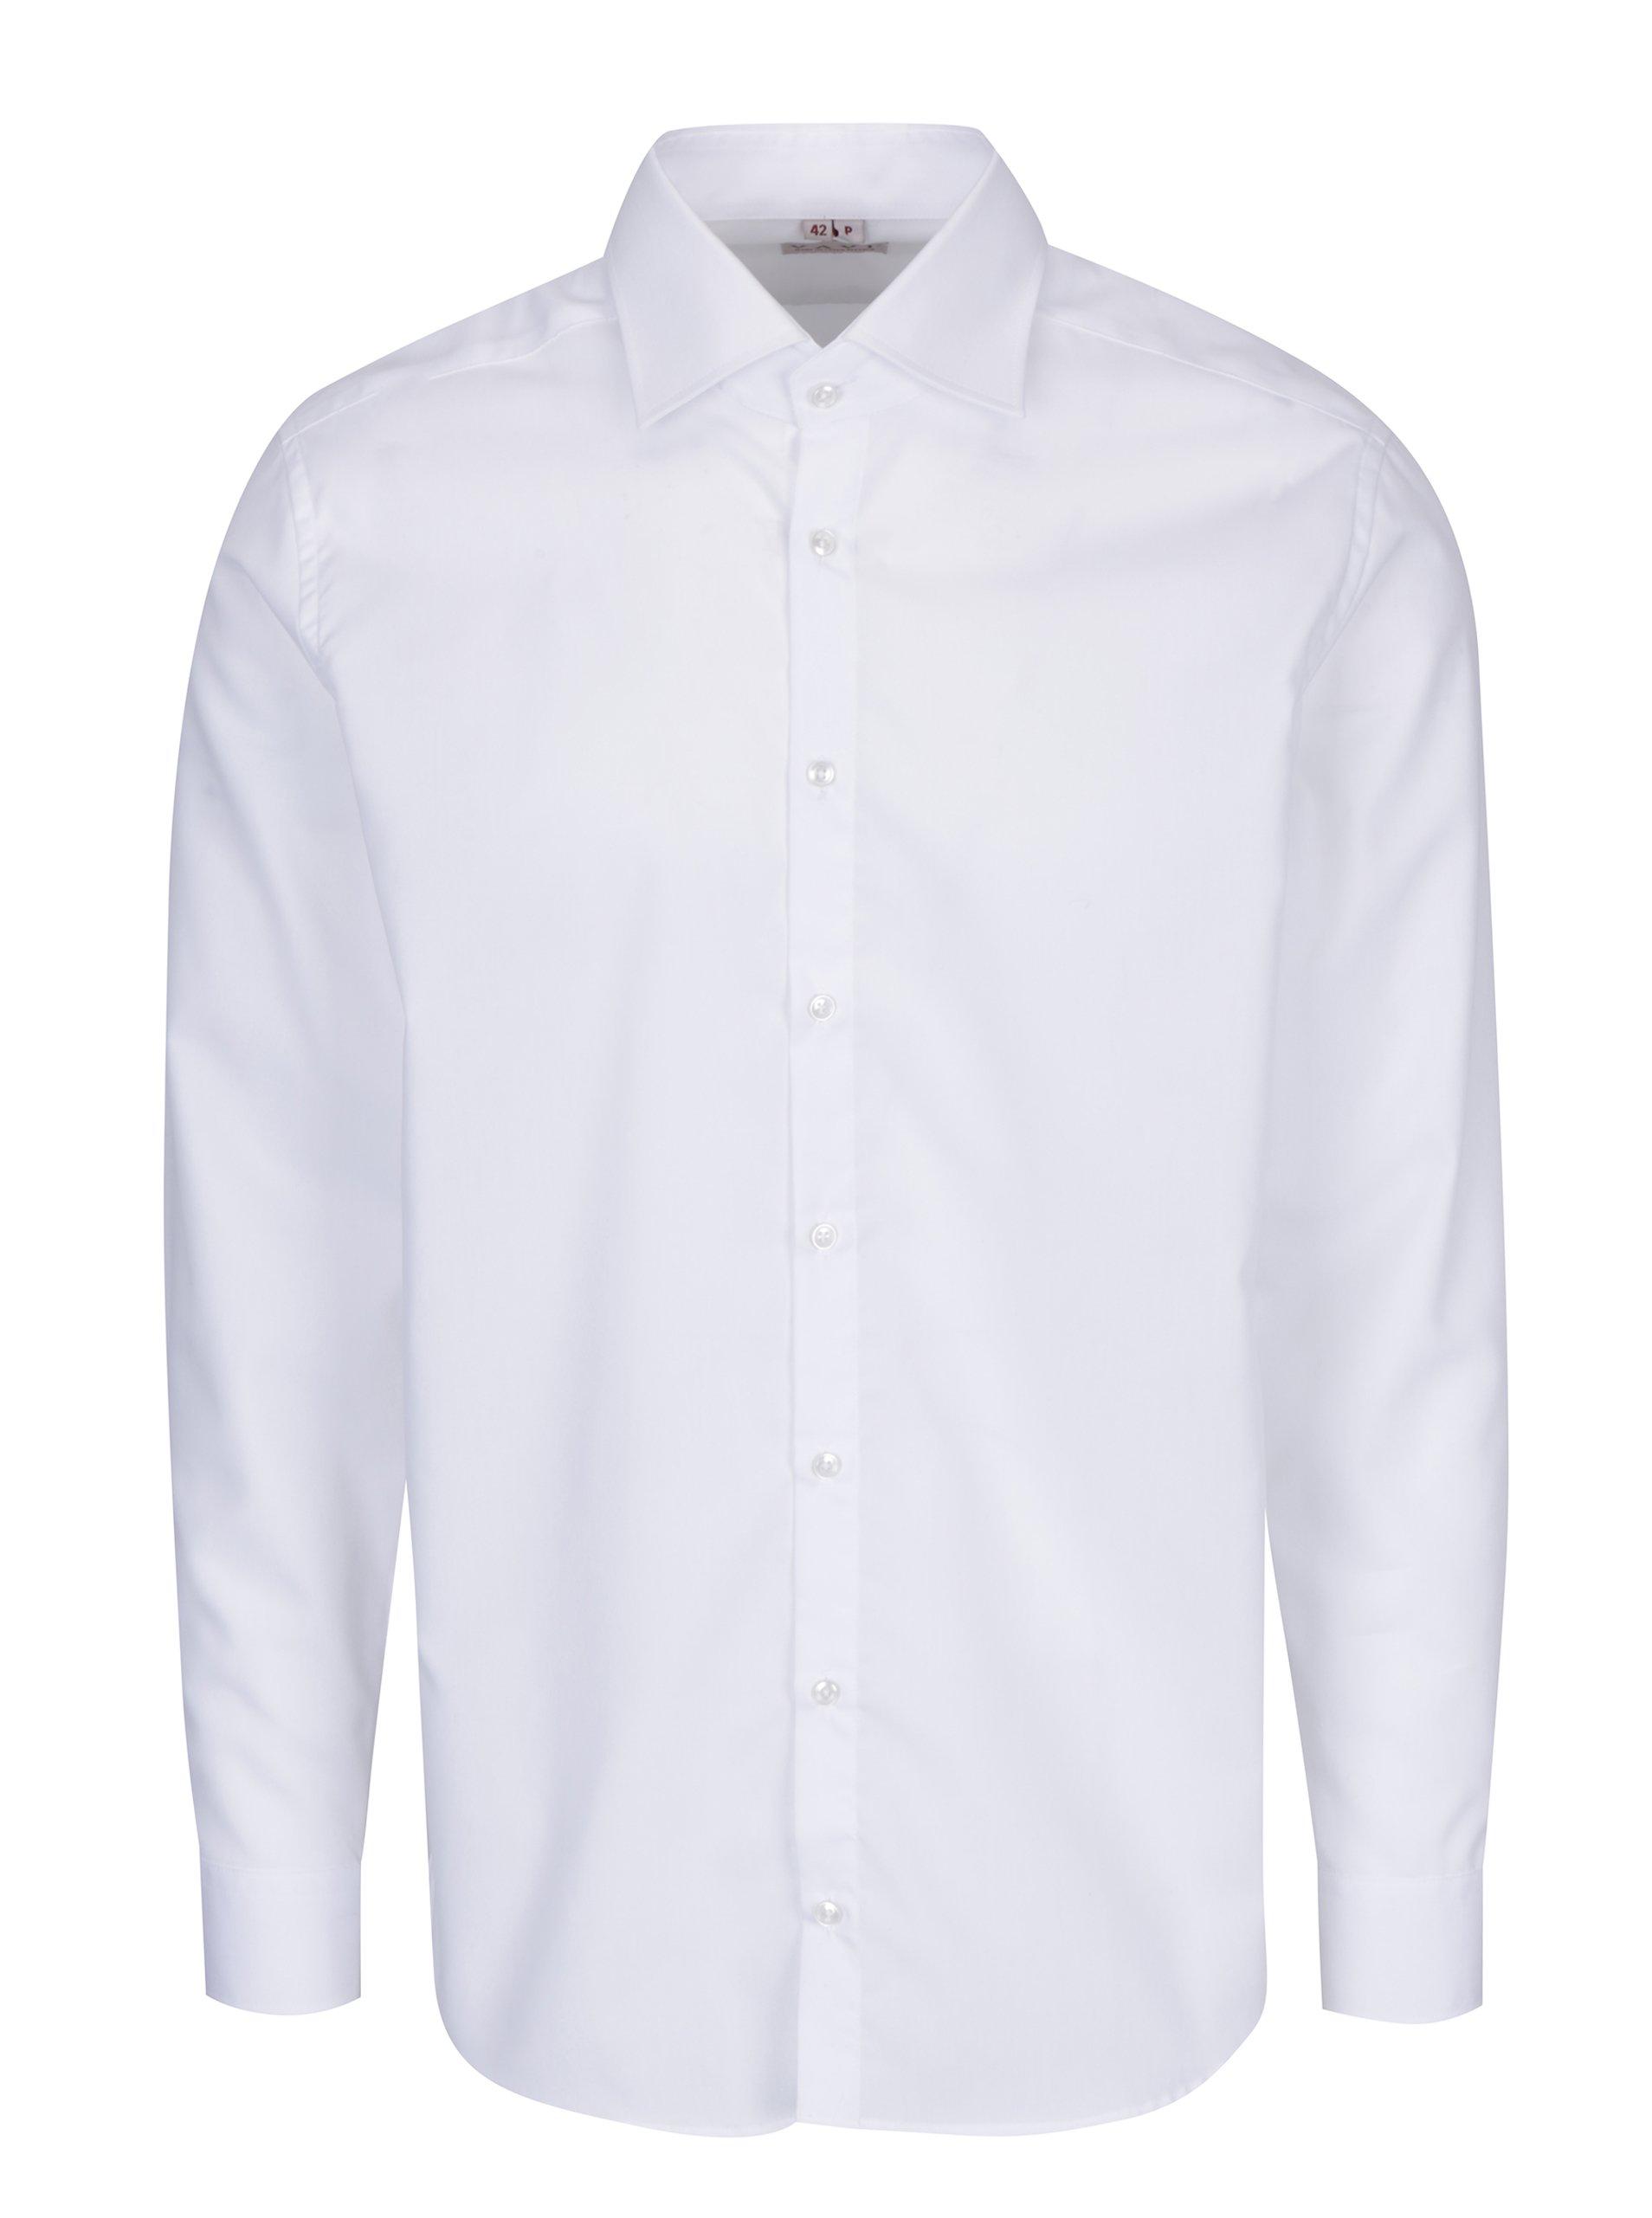 8d3fb631a66 Bílá pánská formální košile VAVI